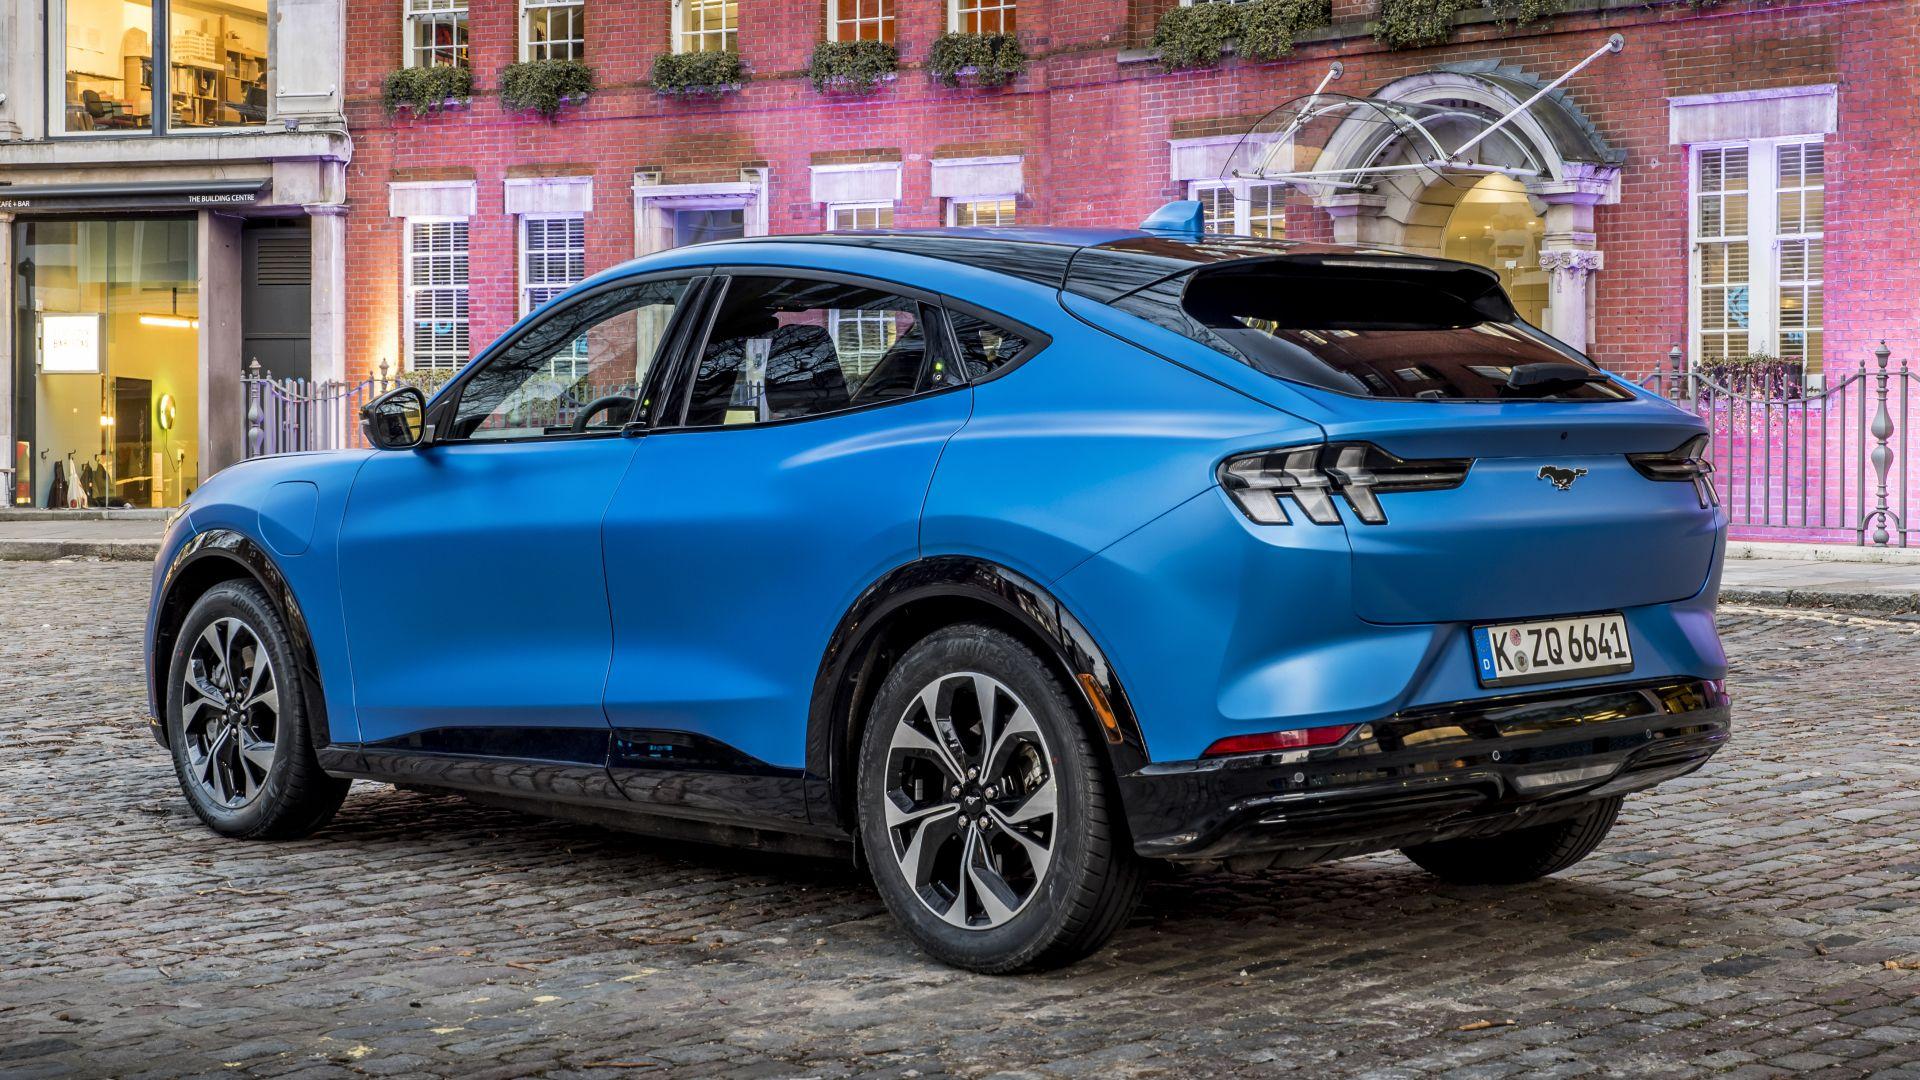 ford mustang mach-e in vendita a fine 2020: quanto costa